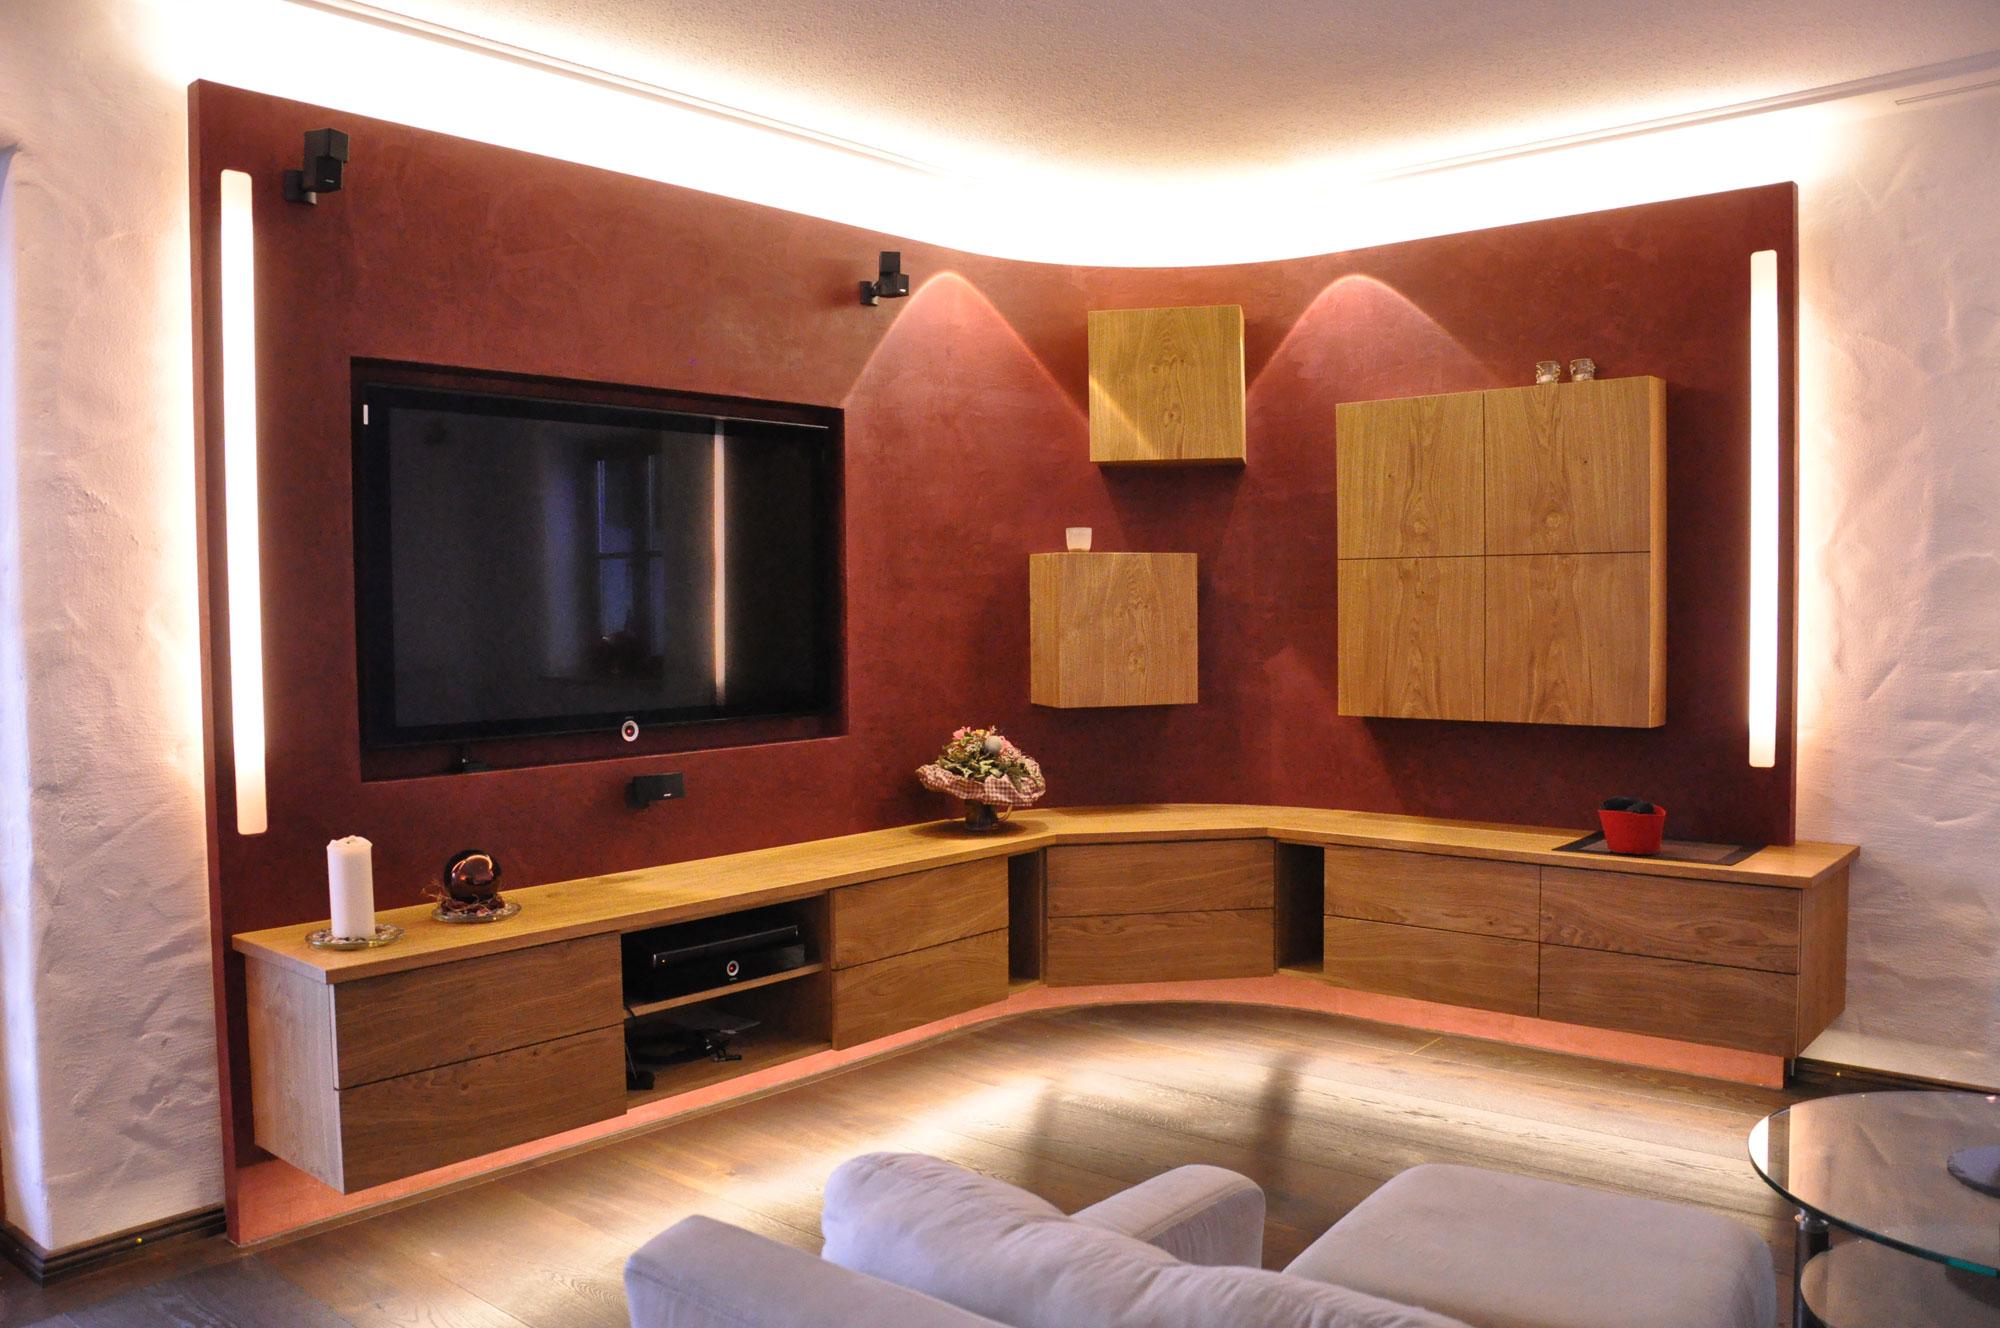 wohnen michael daschner schreinerei murnau. Black Bedroom Furniture Sets. Home Design Ideas